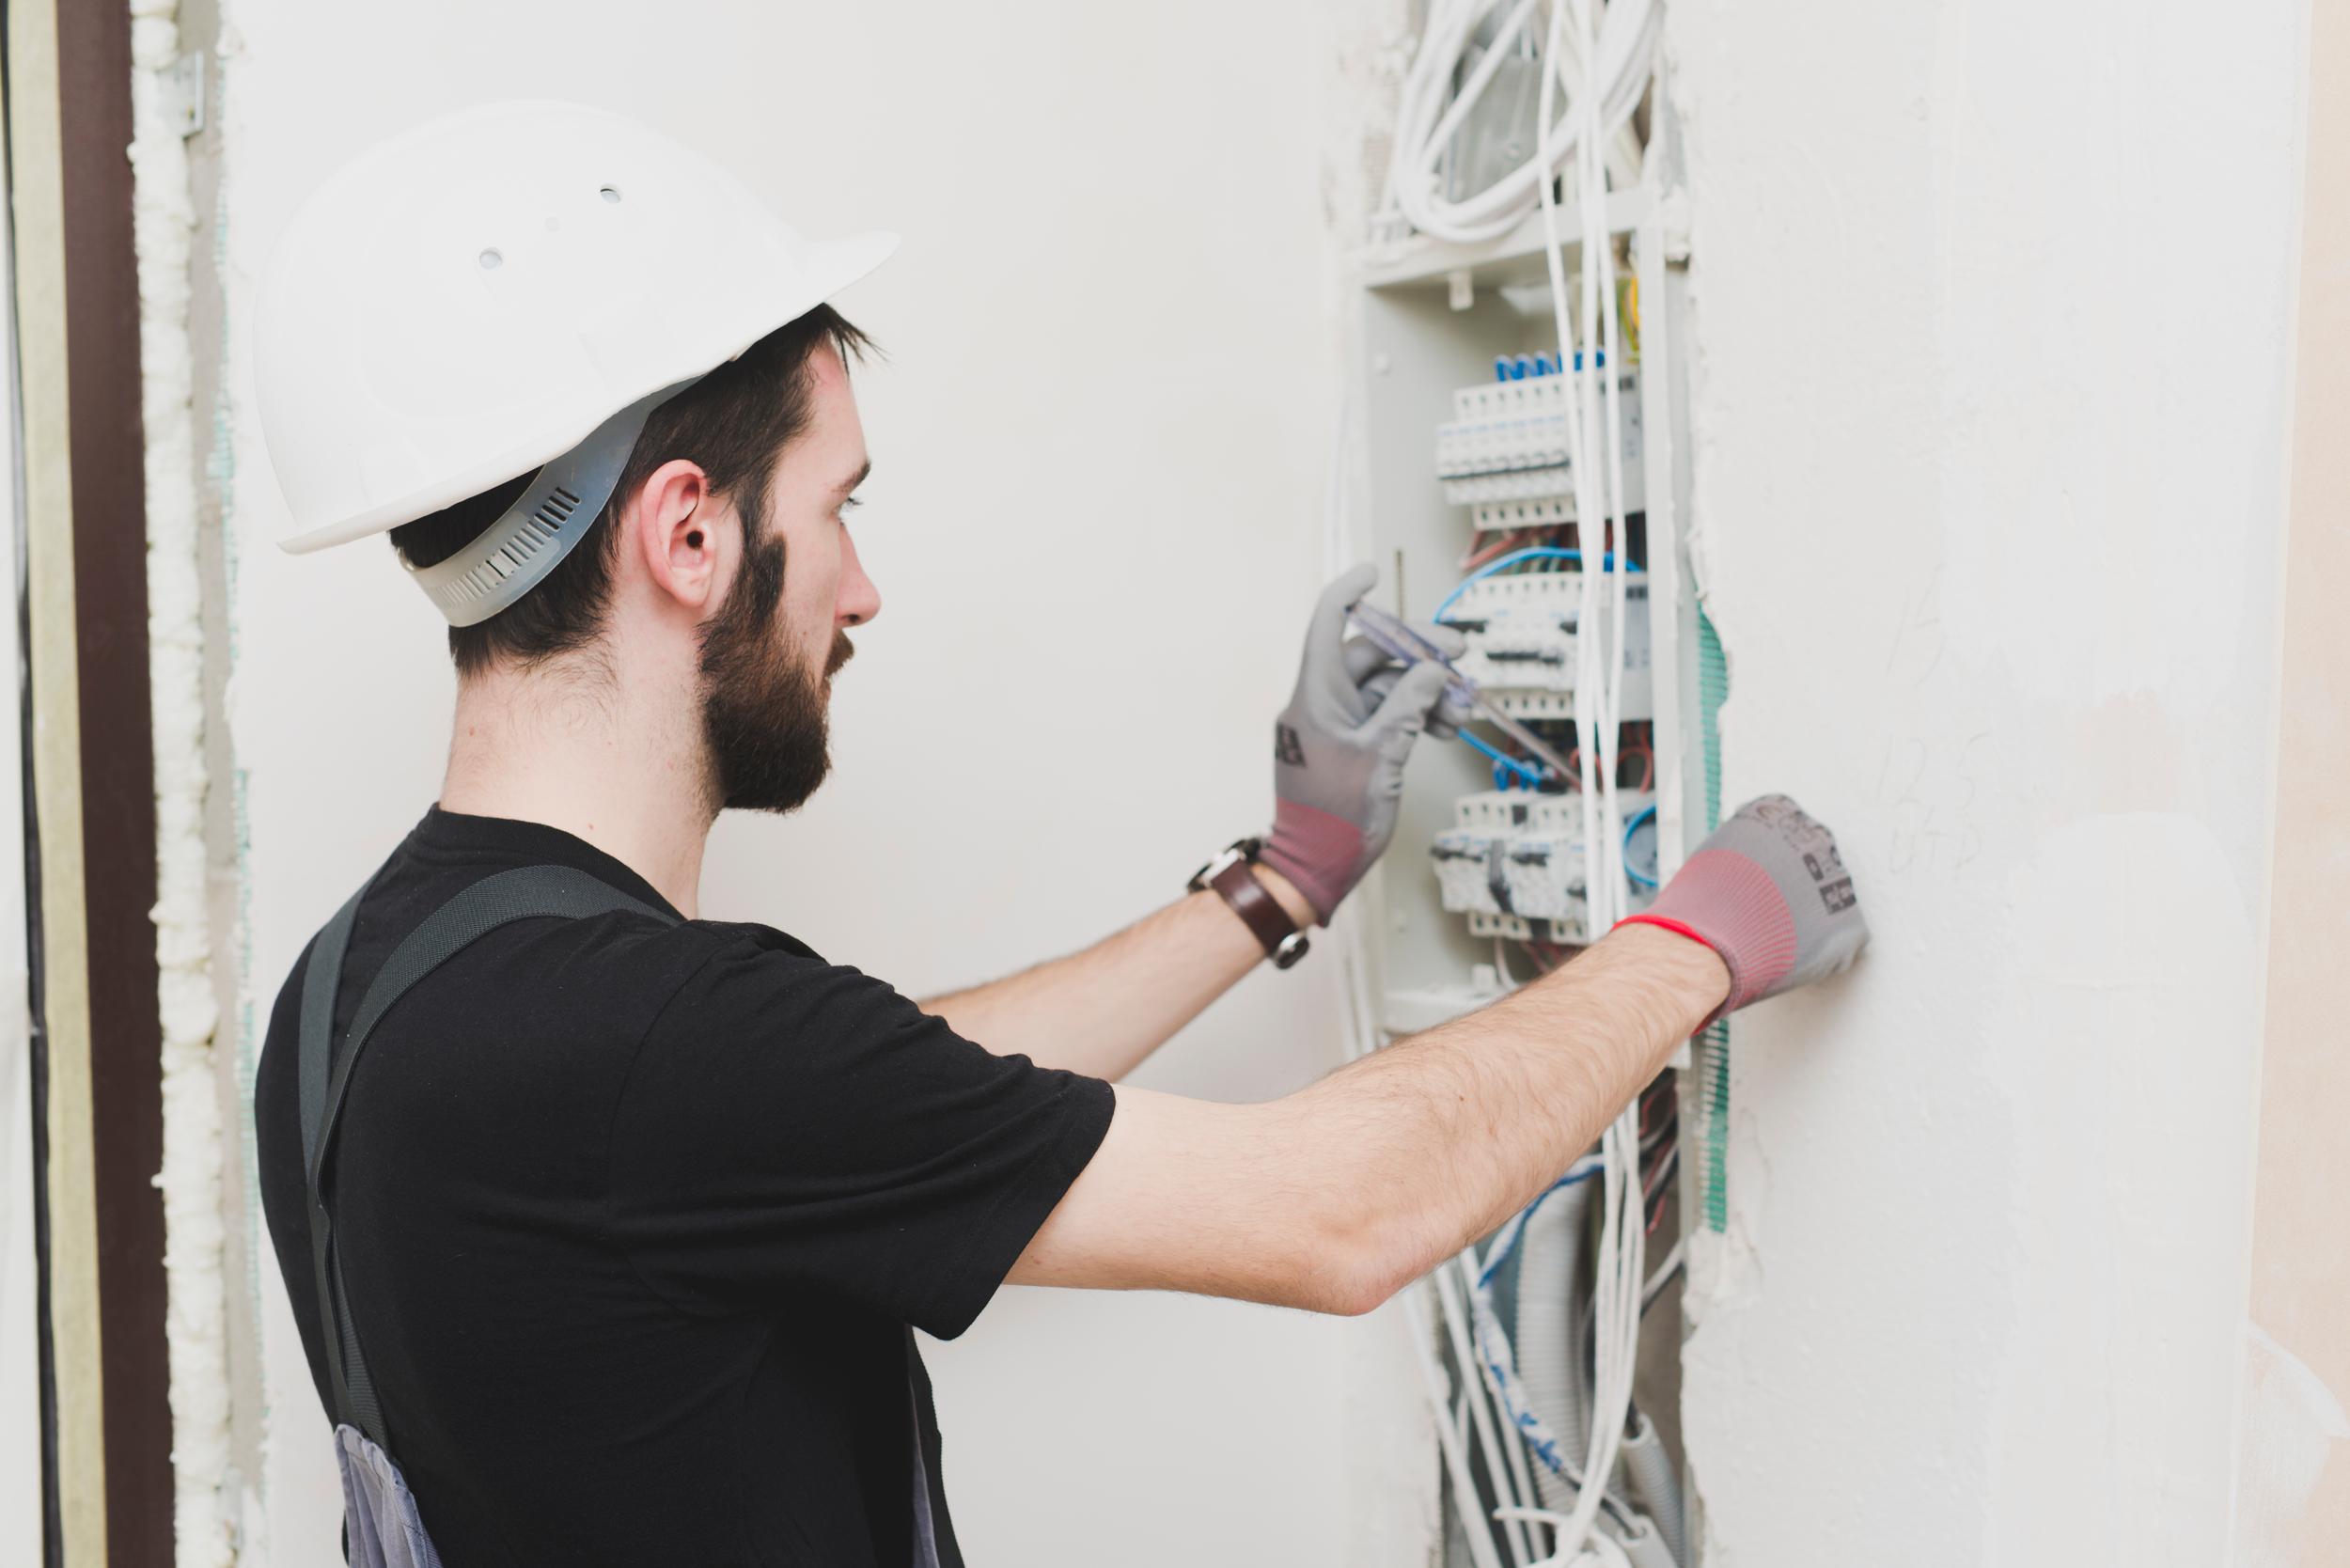 Planificar instalaciones eléctricas